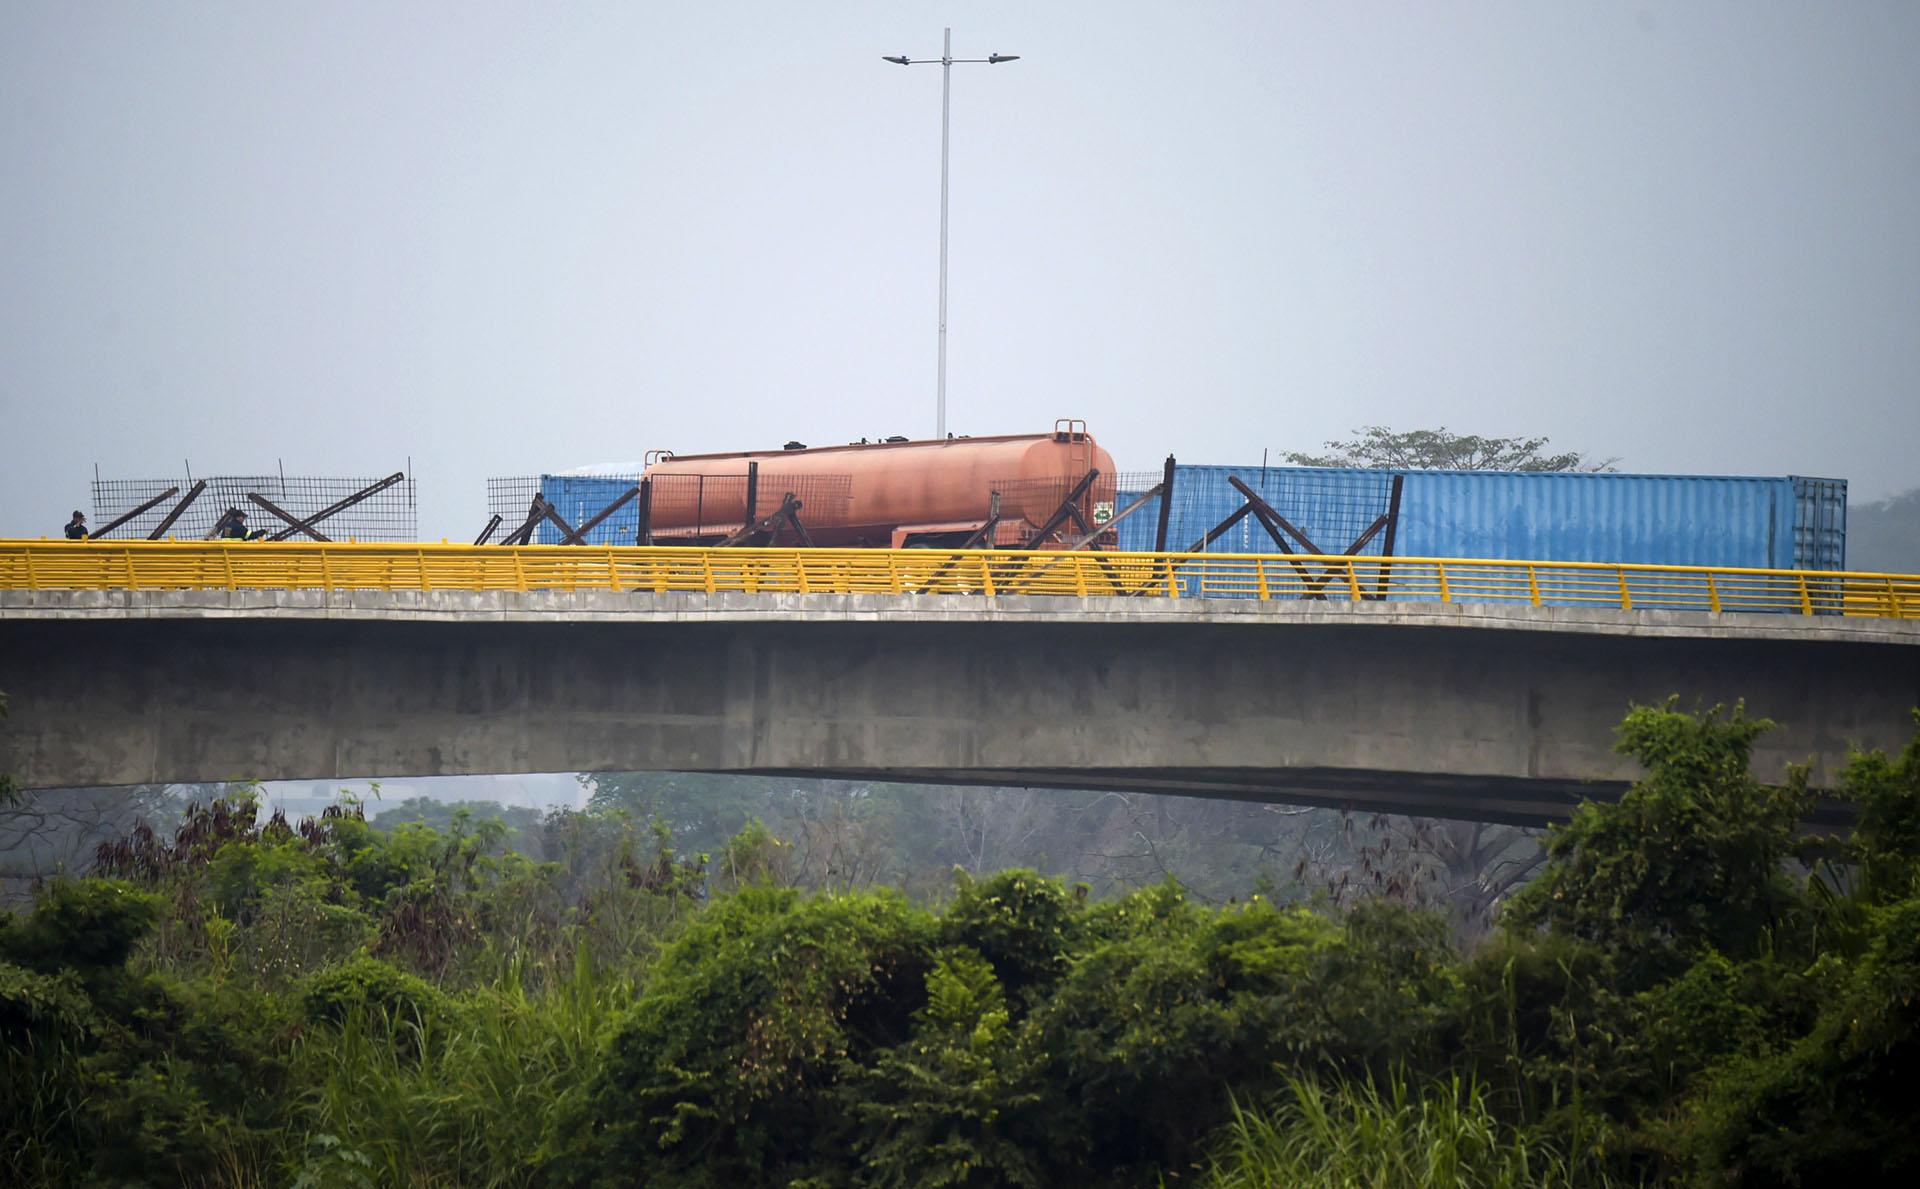 Maduro ha rechazado la ayuda afirmando que no existe una situación de emergencia en Venezuela. Sostiene además que la iniciativa de los legisladores opositores de admitir ayuda internacional va contra las leyes y la constitución